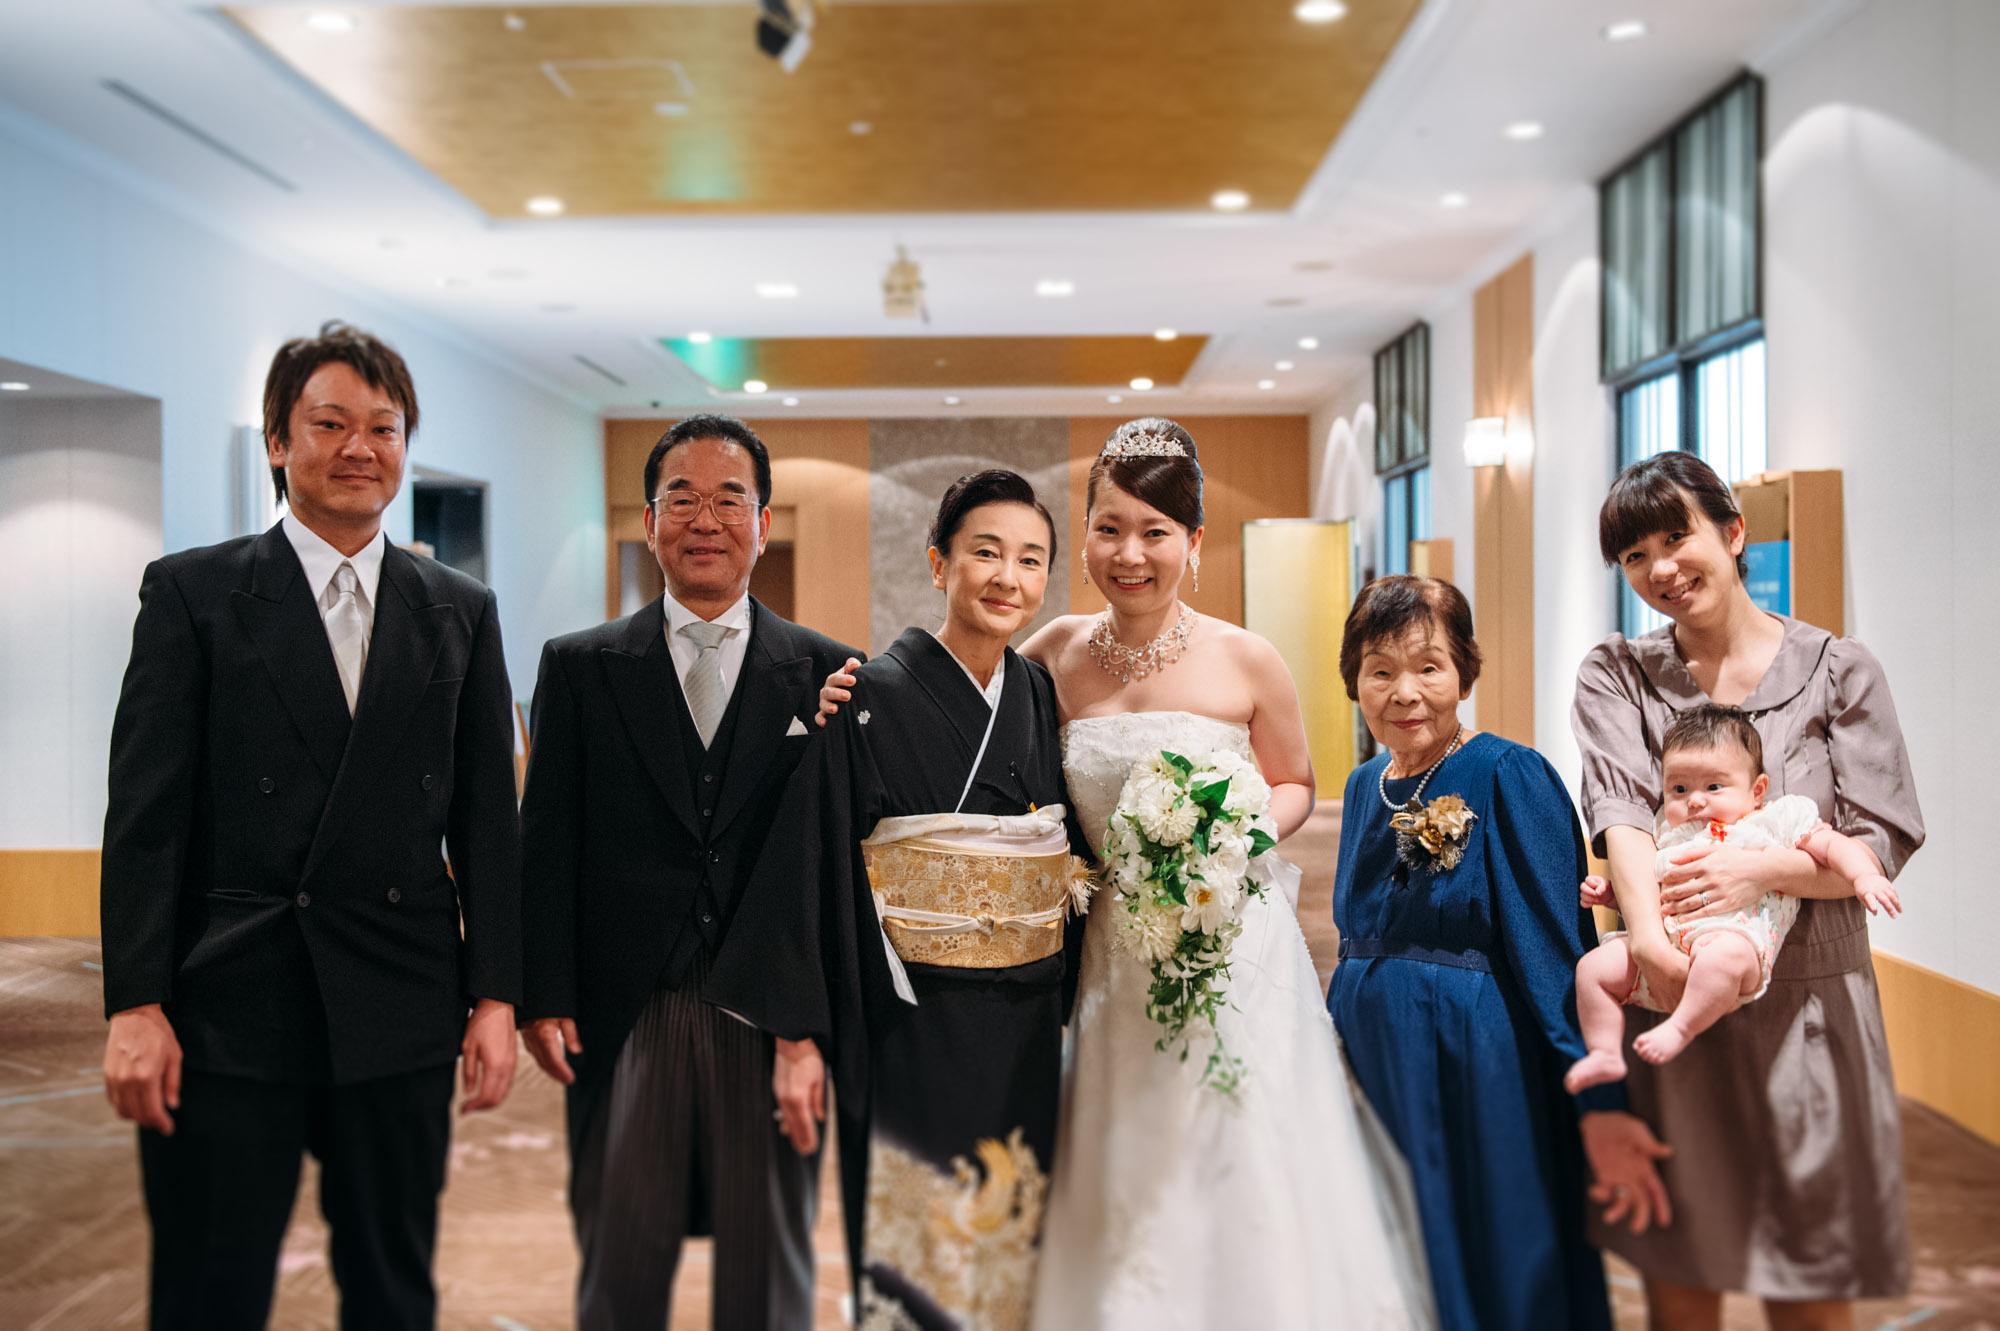 hilton wedding73